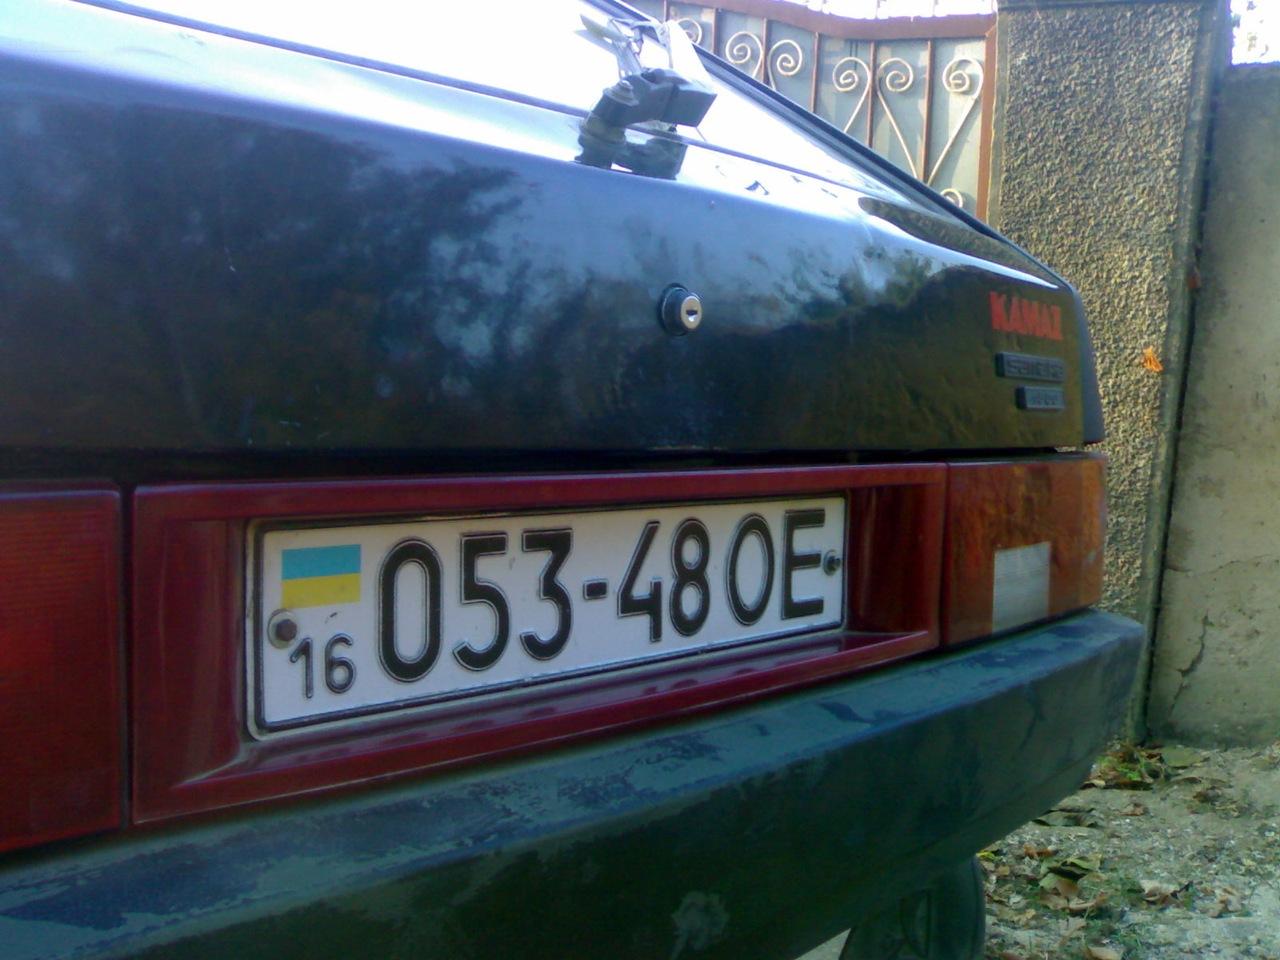 ваз 21093 2003г: